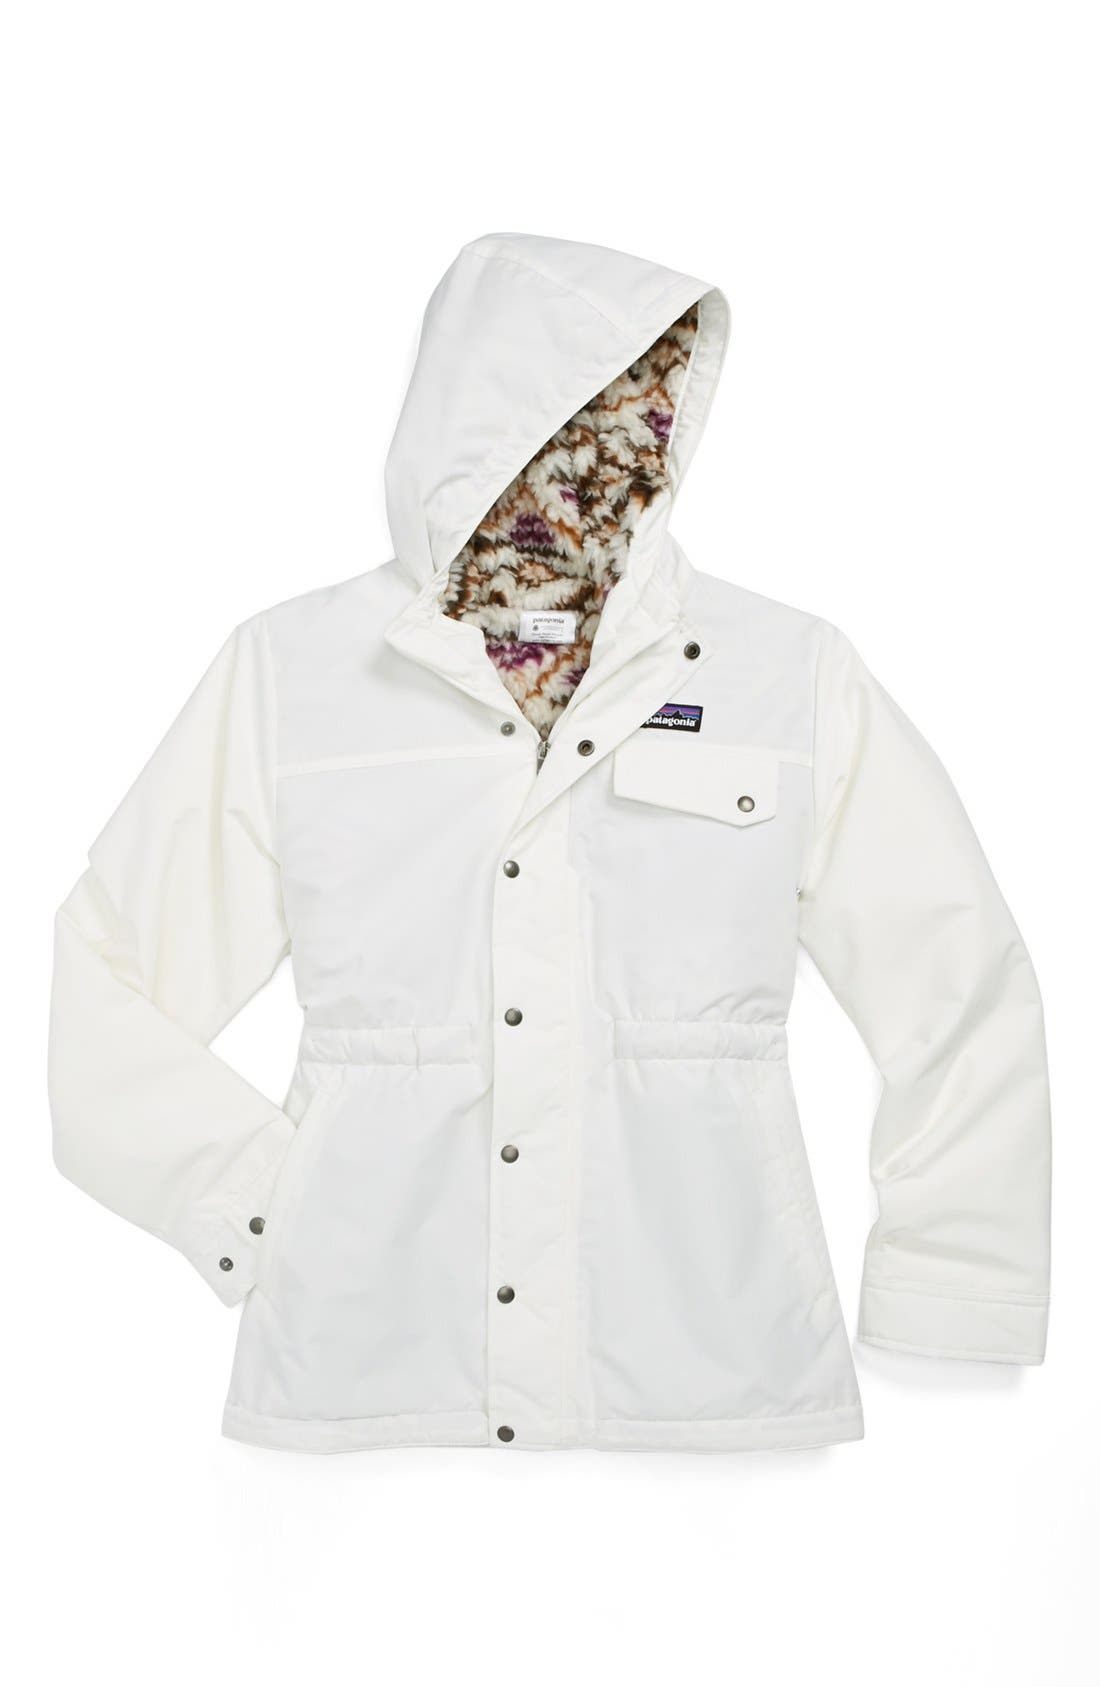 Alternate Image 1 Selected - Patagonia 'Infurno' Jacket (Little Girls & Big Girls)